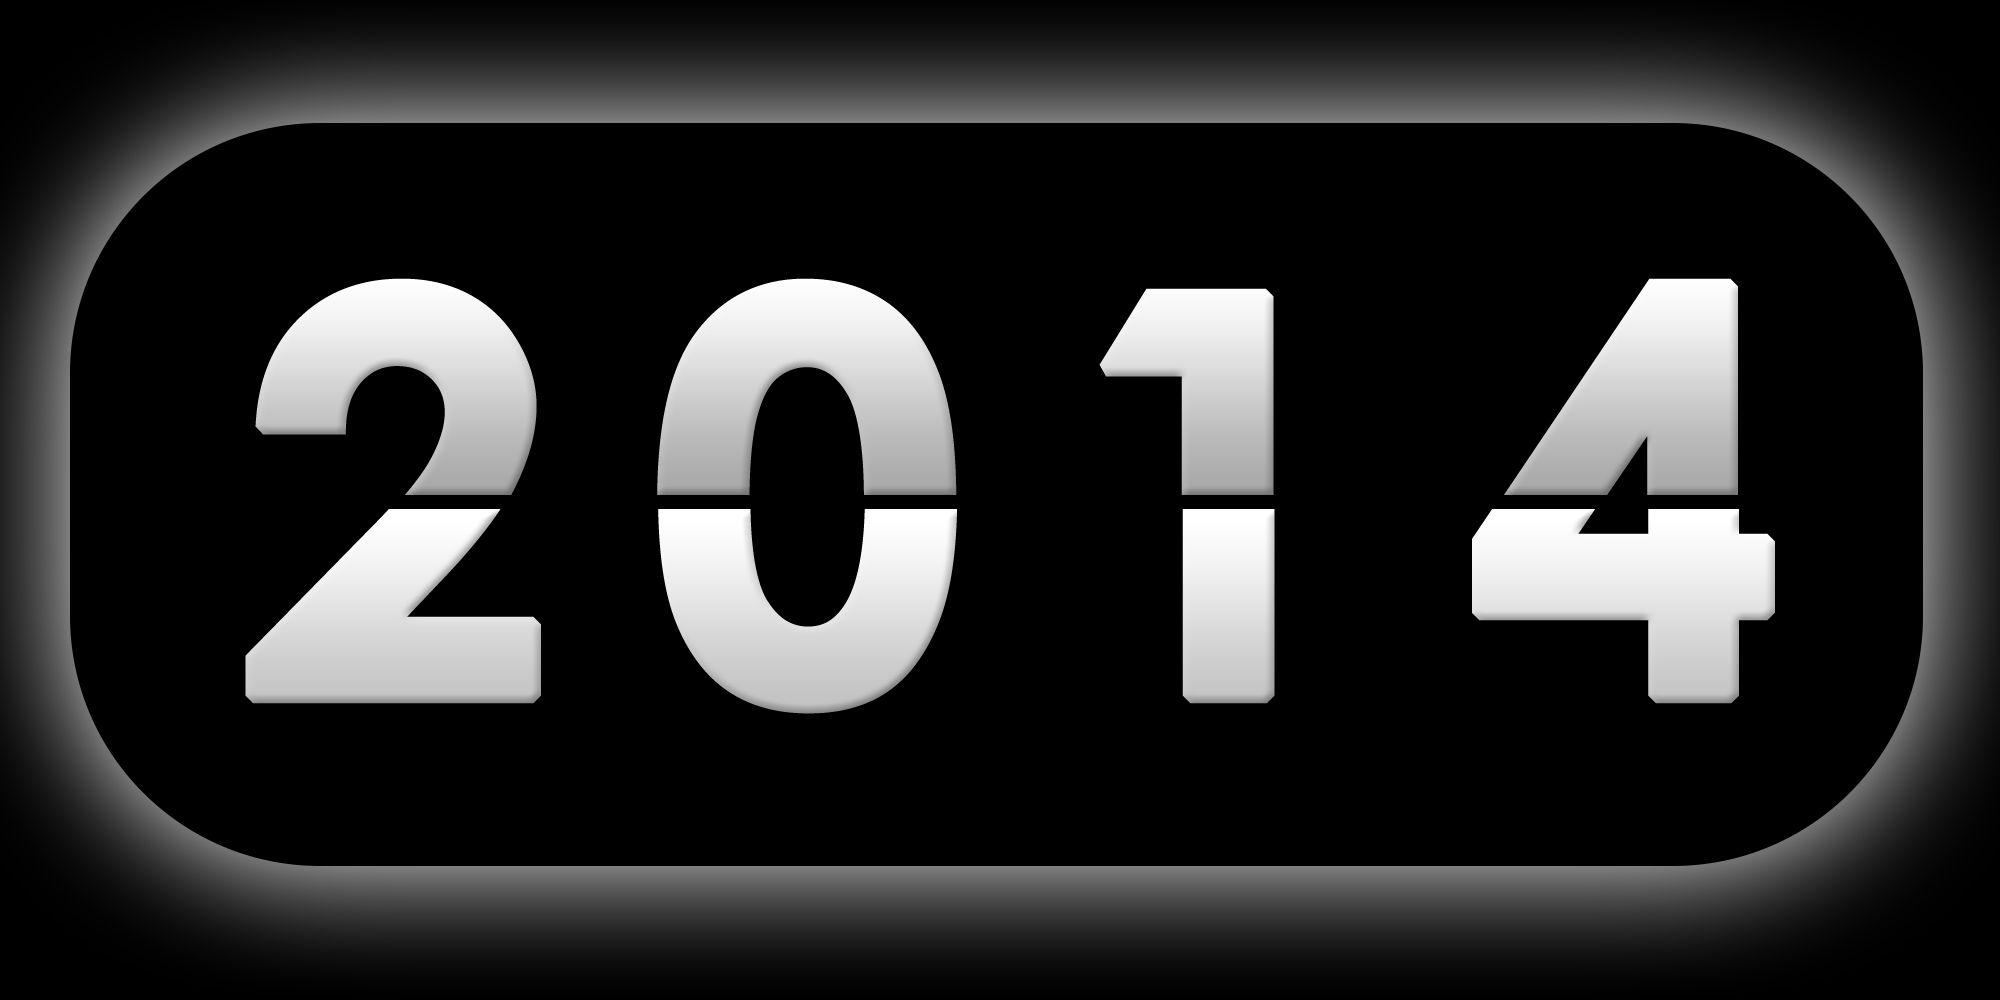 Godetevi l'ultimo del 2013 per affrontare il nuovo anno: il 2014.